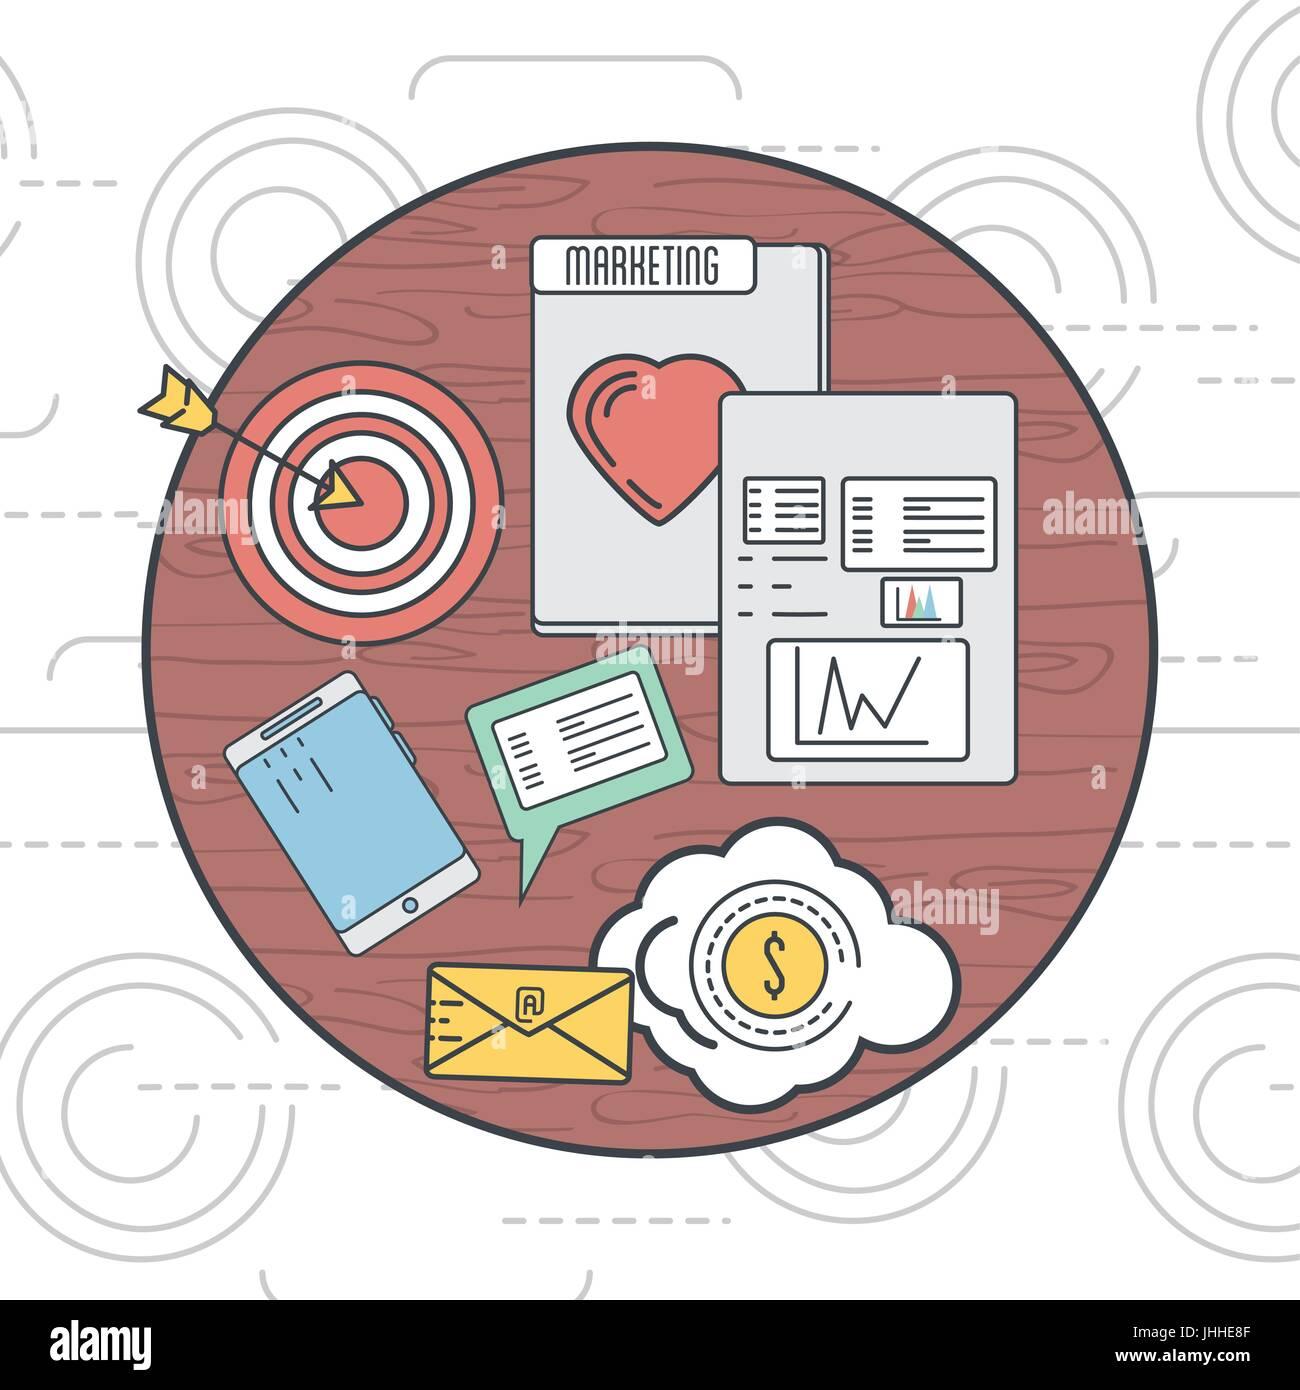 Emblema marketing business icona delle informazioni Immagini Stock